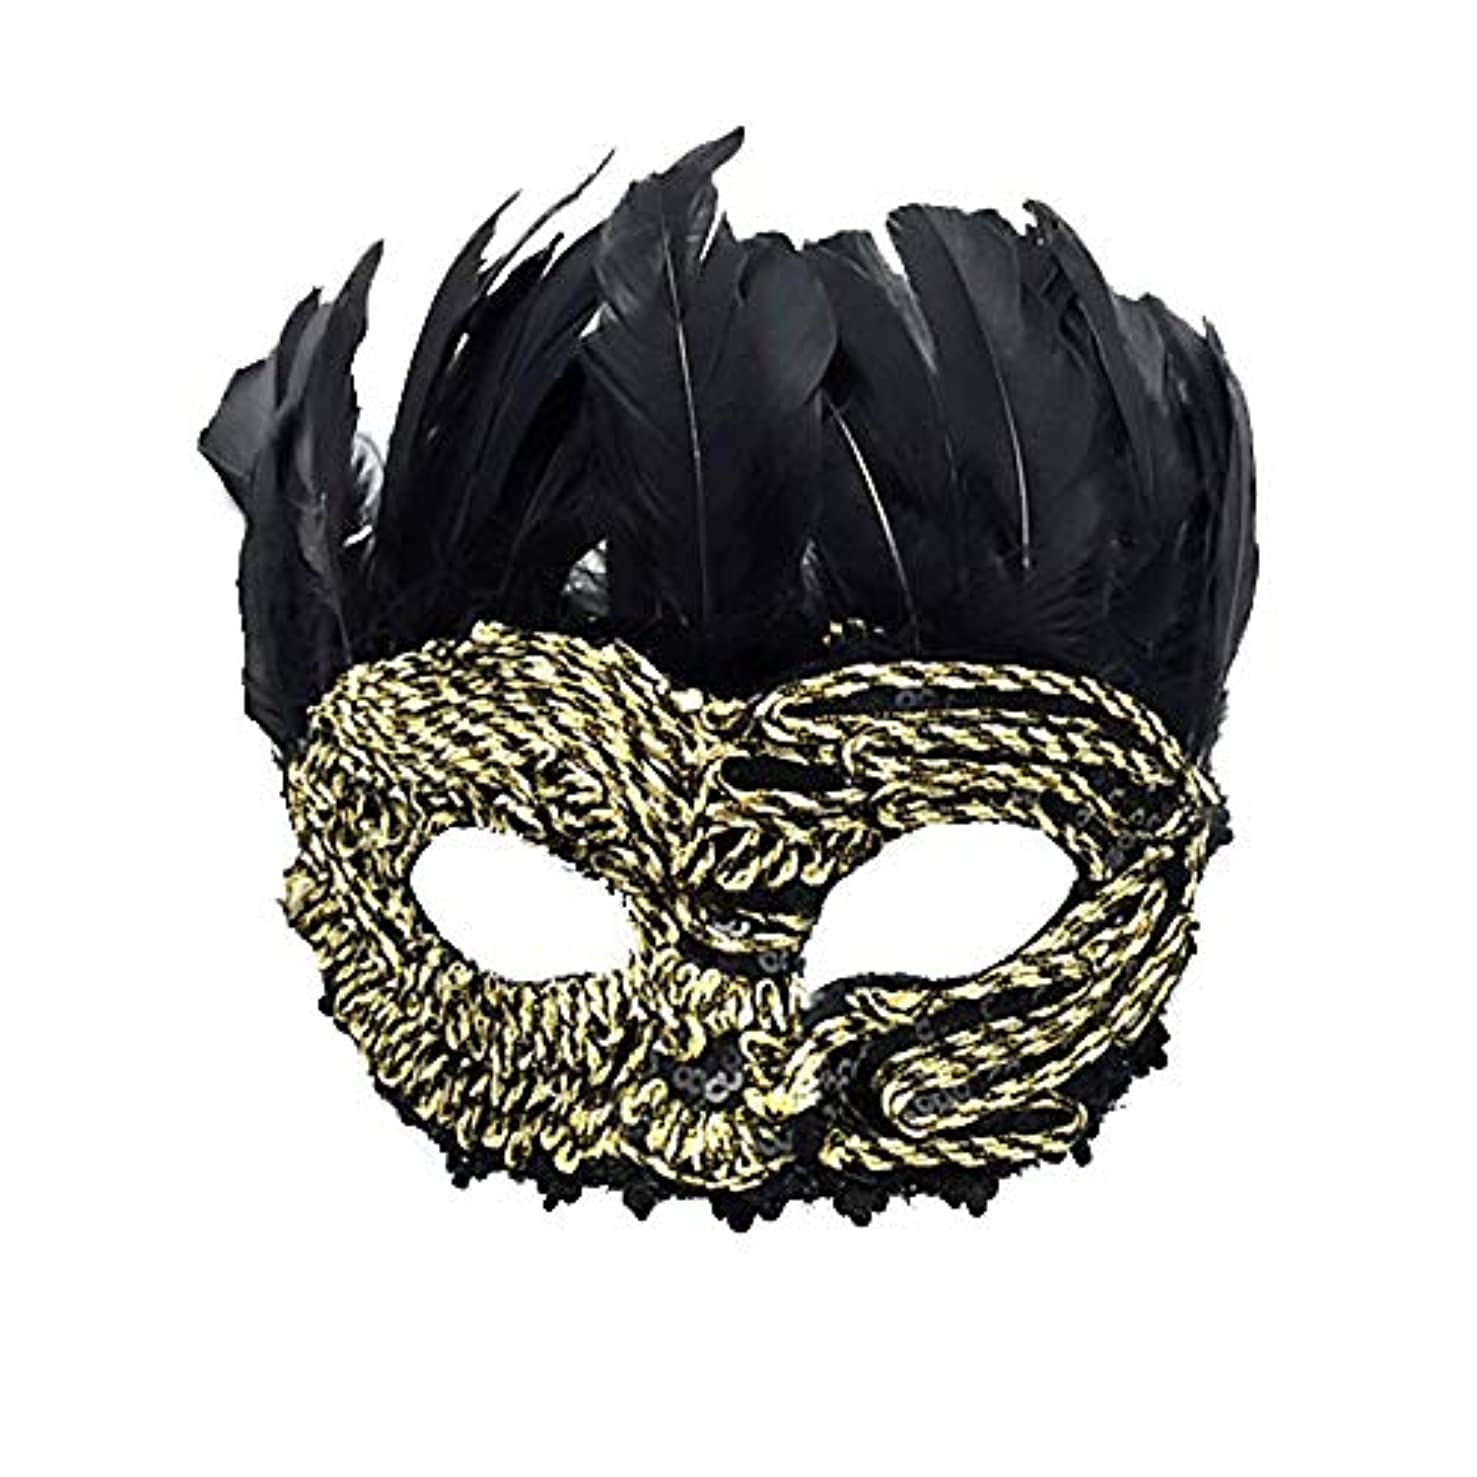 気分が悪い偽物長椅子Nanle ハロウィーンクリスマスレースフェザースパンコール刺繍マスク仮装マスクレディーメンズミスプリンセス美容祭パーティーデコレーションマスク(カップルモデル) (色 : Style B)